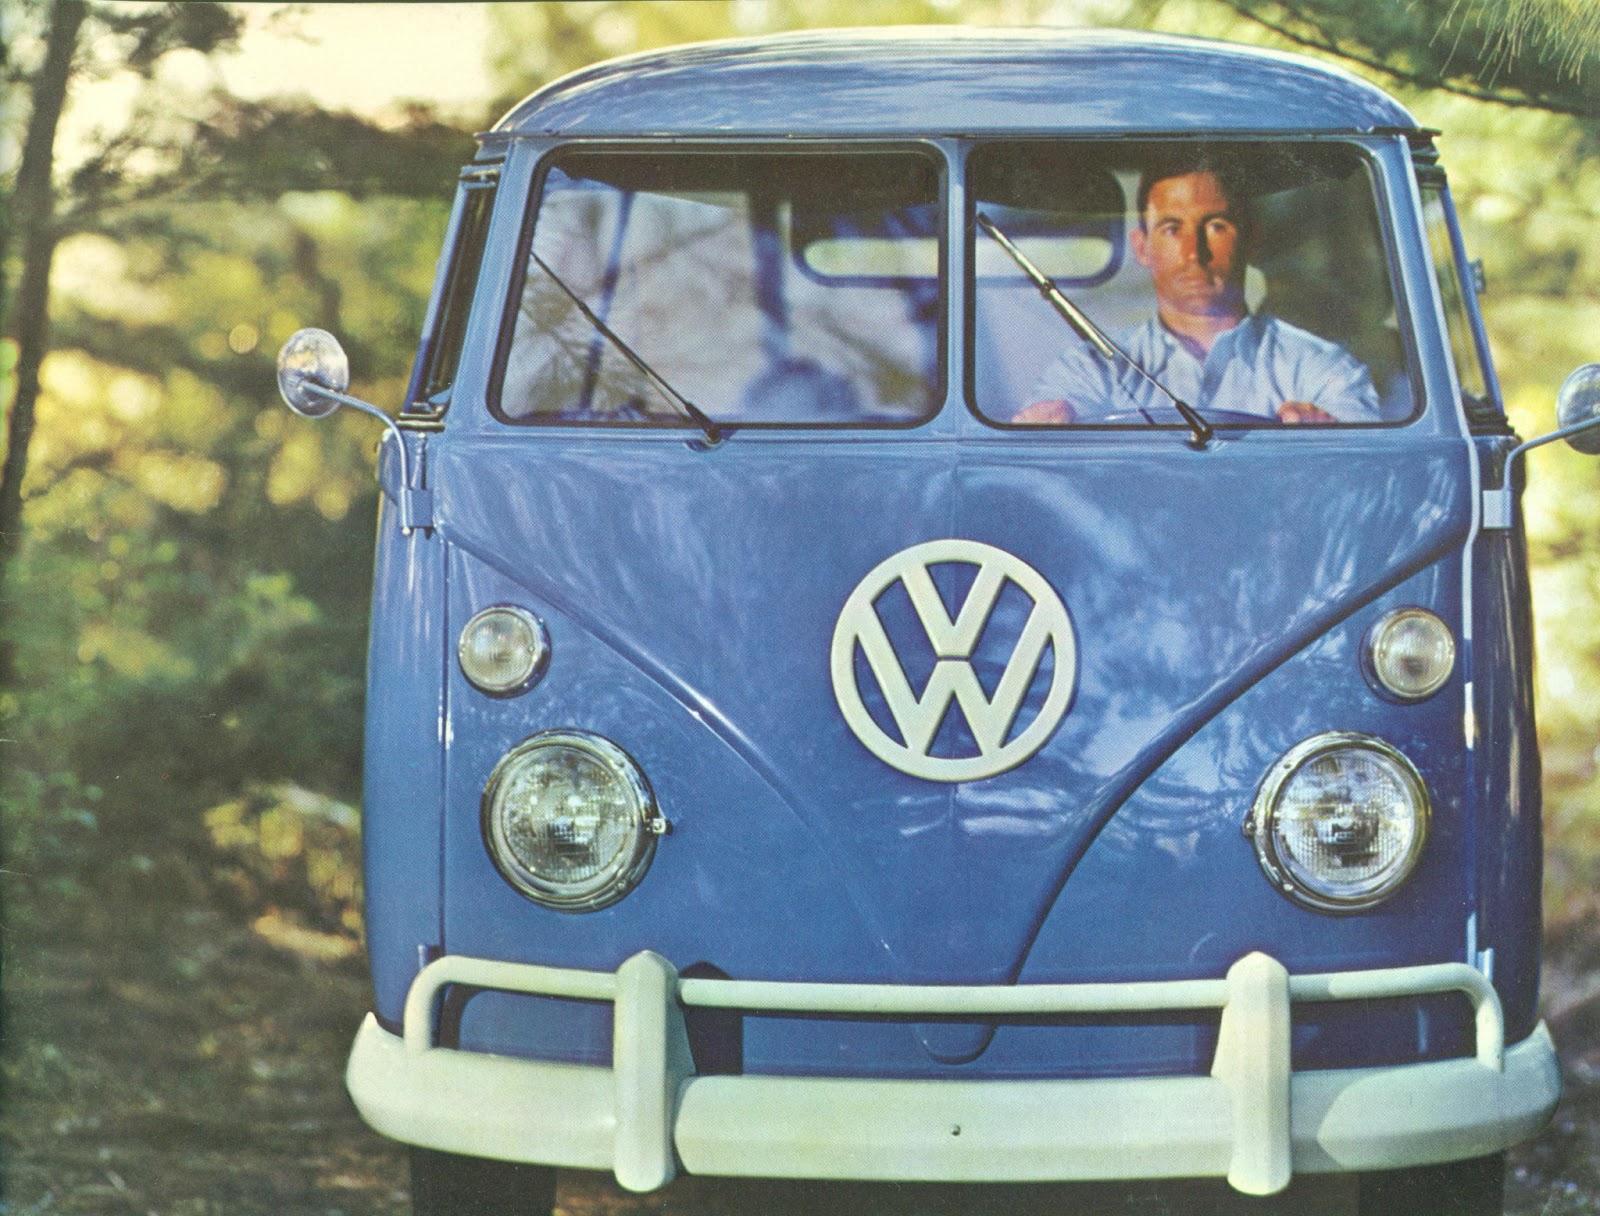 Vintage Volkswagen Stuff Collect Volkswagen Stuff